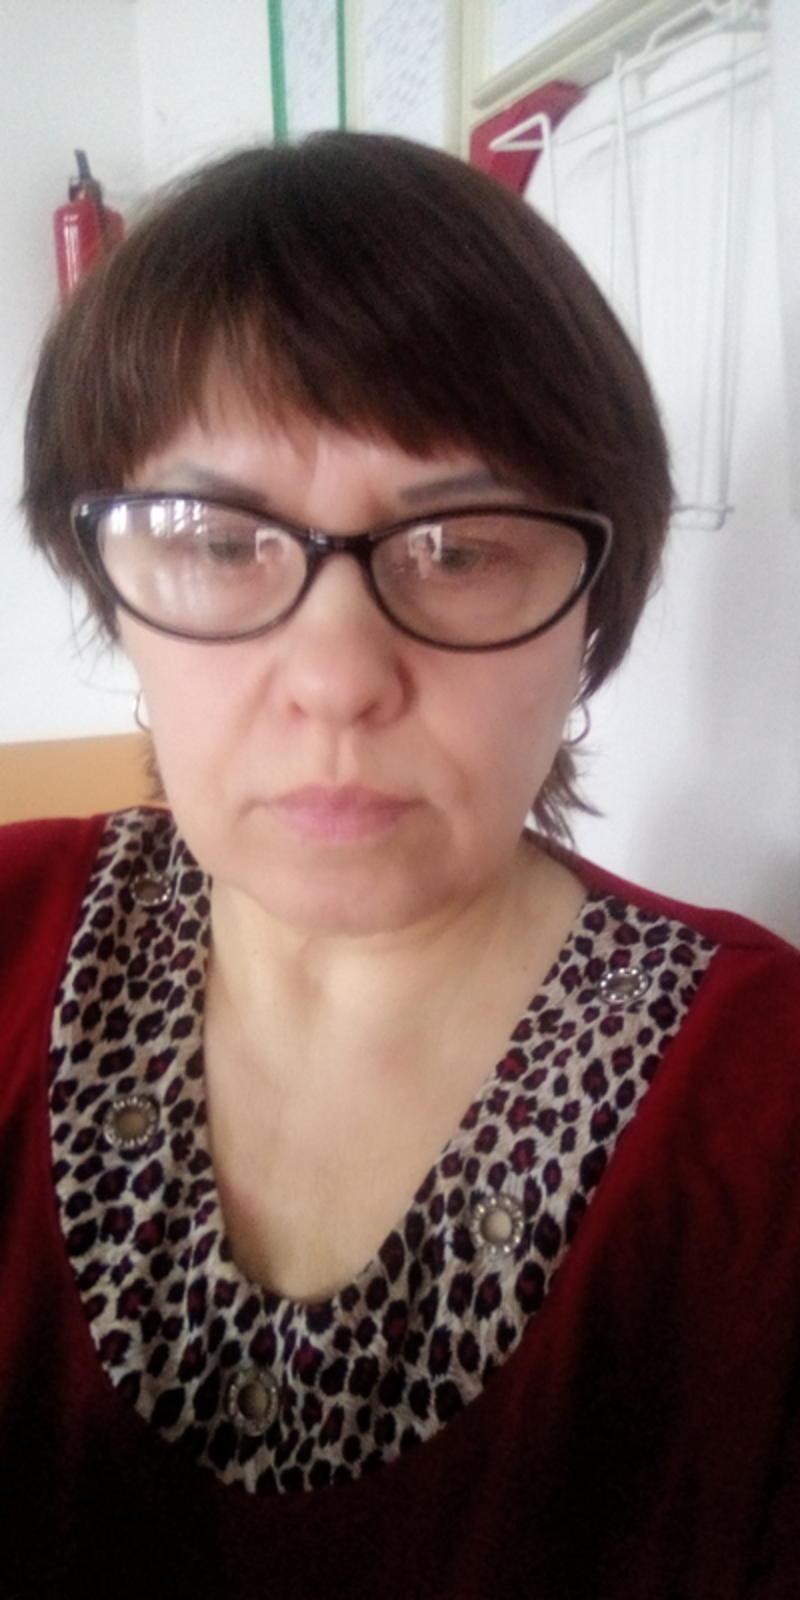 Знакомства в новосибирске без регистрации бесплатно на ночь сайты знакомств любви в ярославле